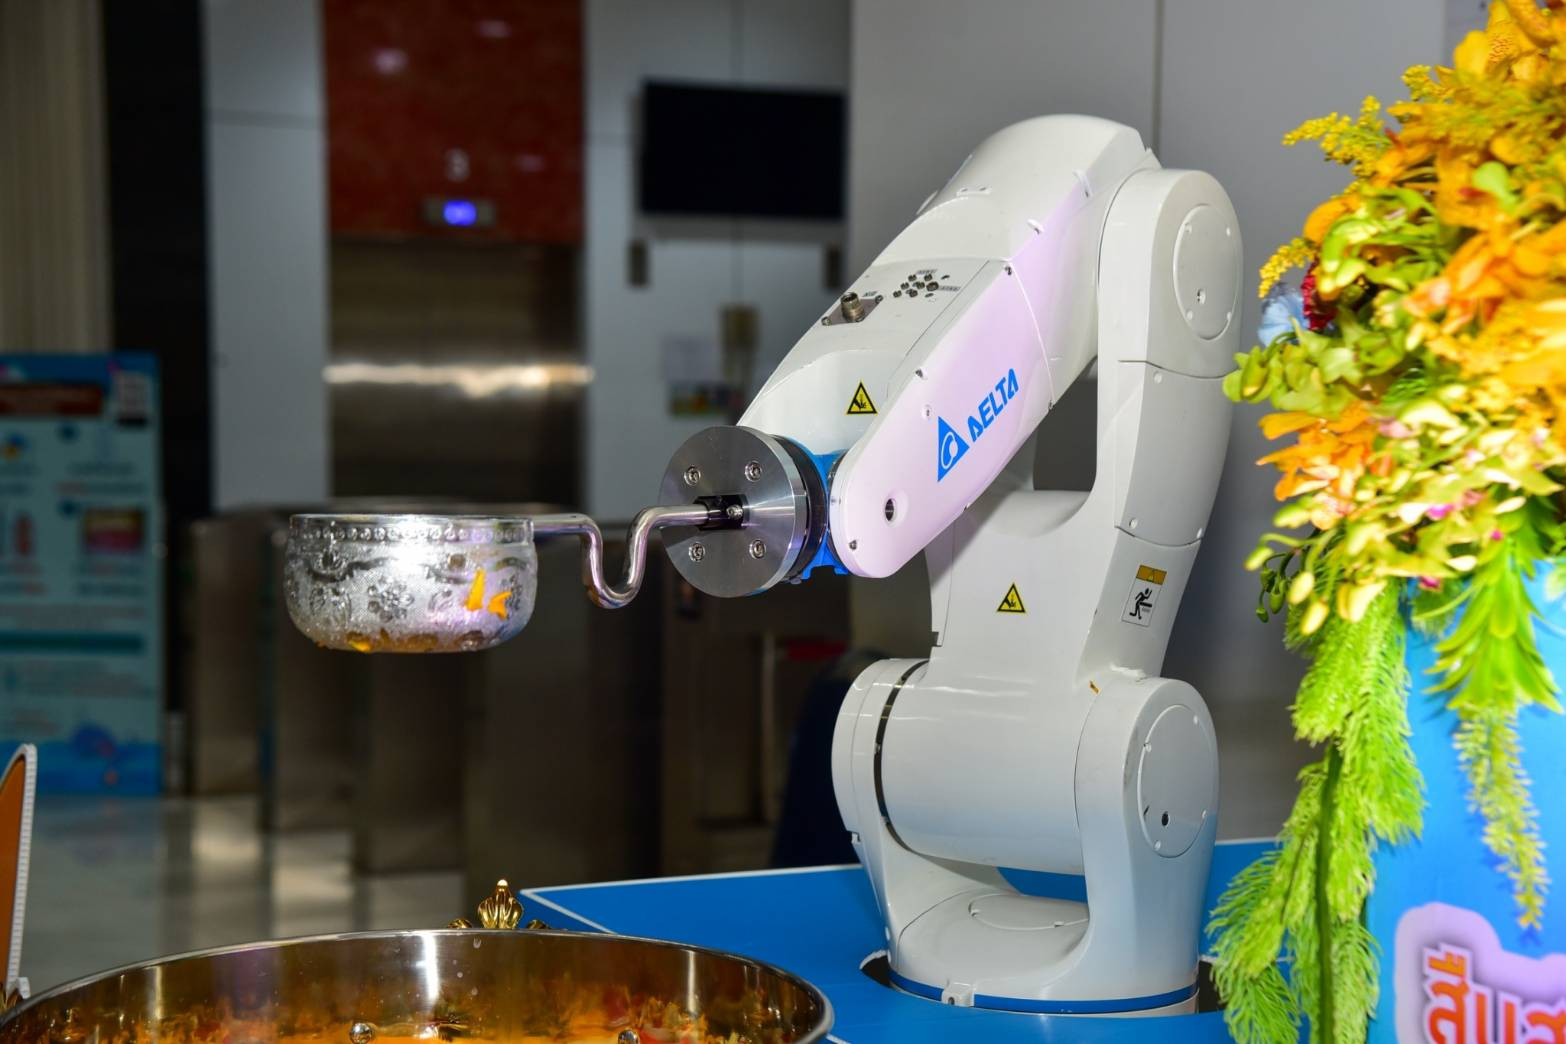 โซลูชันหุ่นยนต์ Delta นำมาใช้ในการเฉลิมฉลองอย่างปลอดภัยเลี่ยงการสัมผัส ณ การไฟฟ้านครหลวง